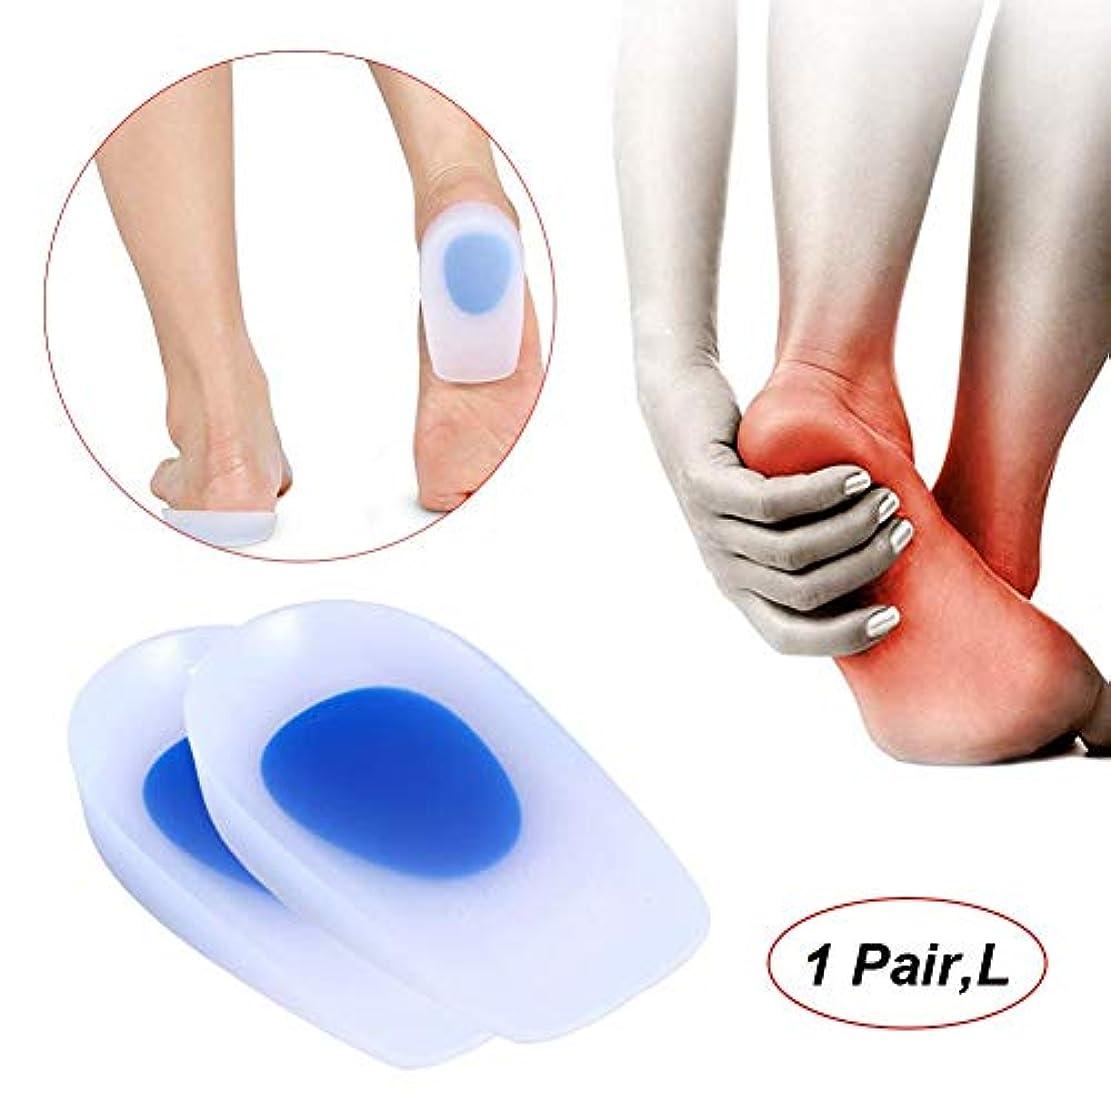 無限時期尚早奪うゲルヒールカップヒールシューズインサートパッド、足底筋膜炎の痛みを和らげる、男性と女性のヒール骨棘とアキレス腱炎(1ペア)L